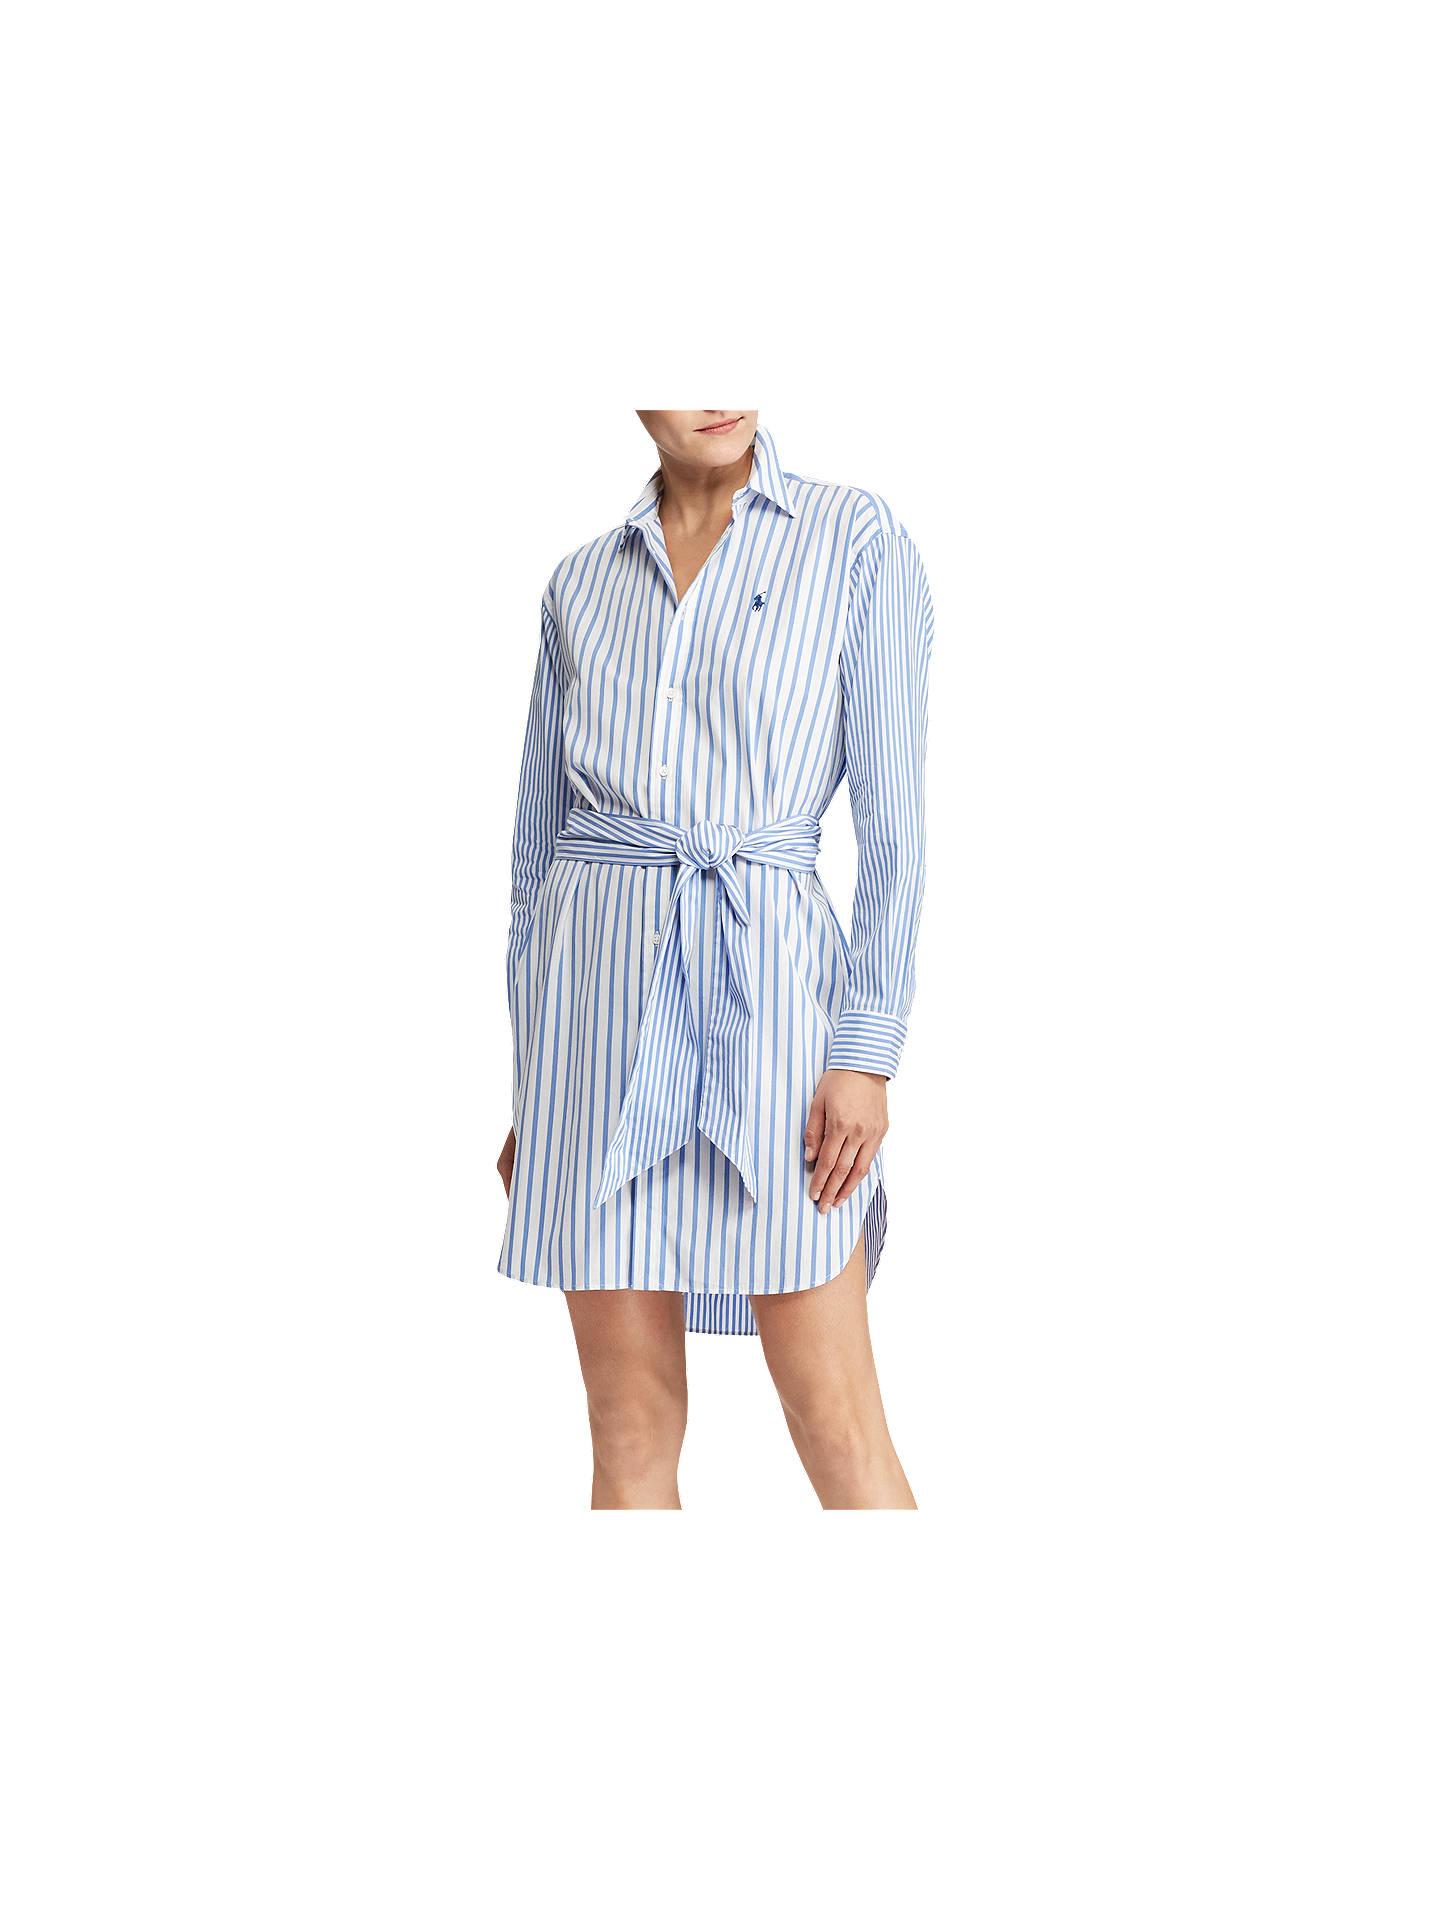 Orginal Ralph Lauren Stripy Dress size 4